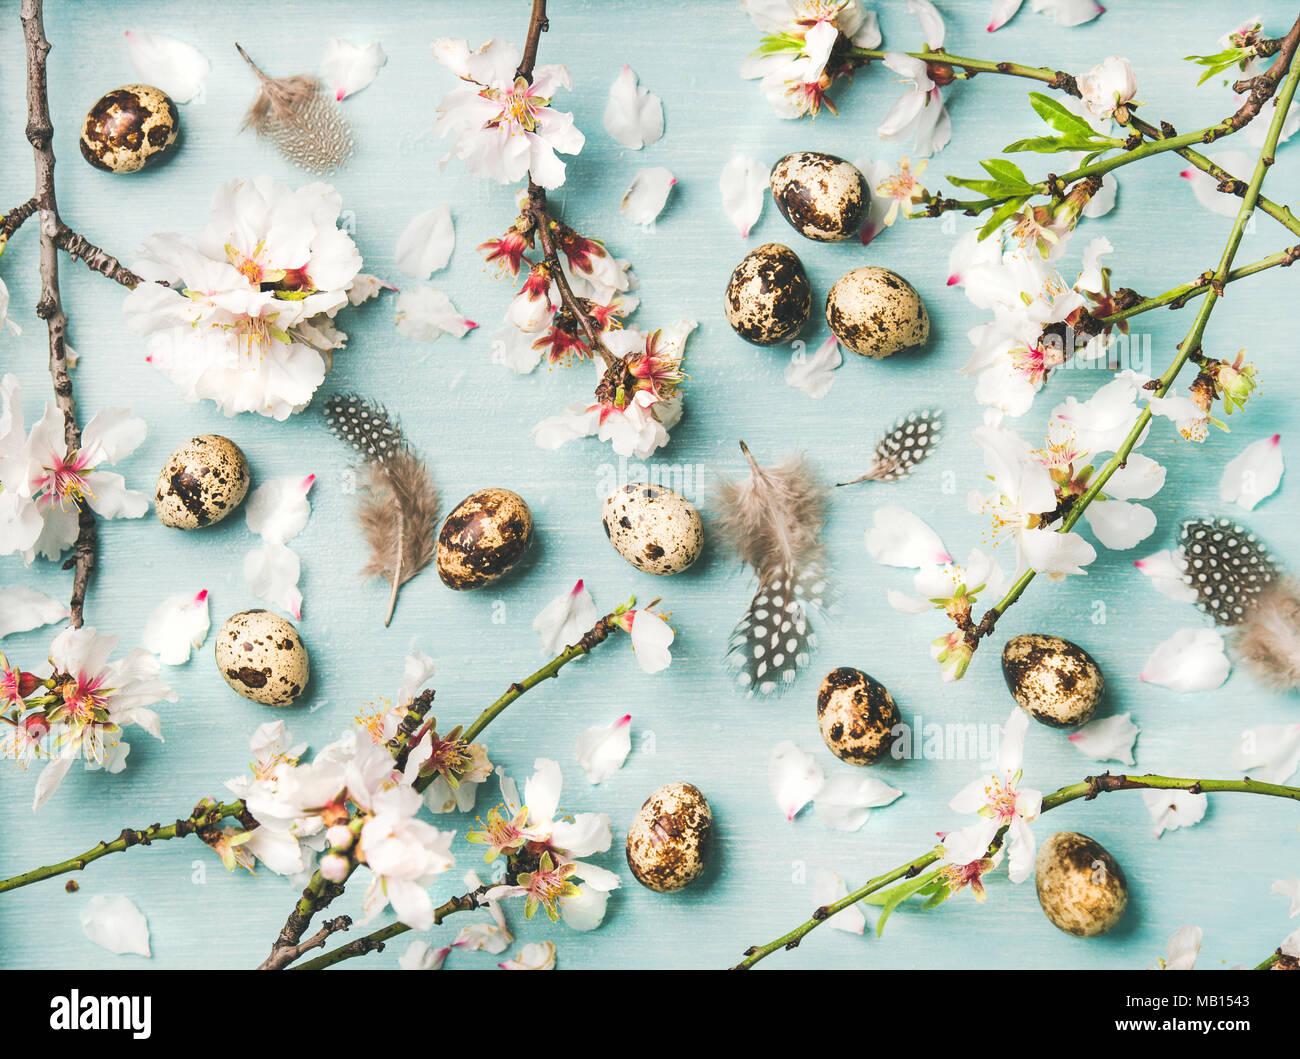 Vacanze di Pasqua sfondo, la texture e la carta da parati. Flat-lay di gara di mandorle primavera sbocciano i fiori fiori su rami, piume e uova di quaglia sulla luce blu Immagini Stock